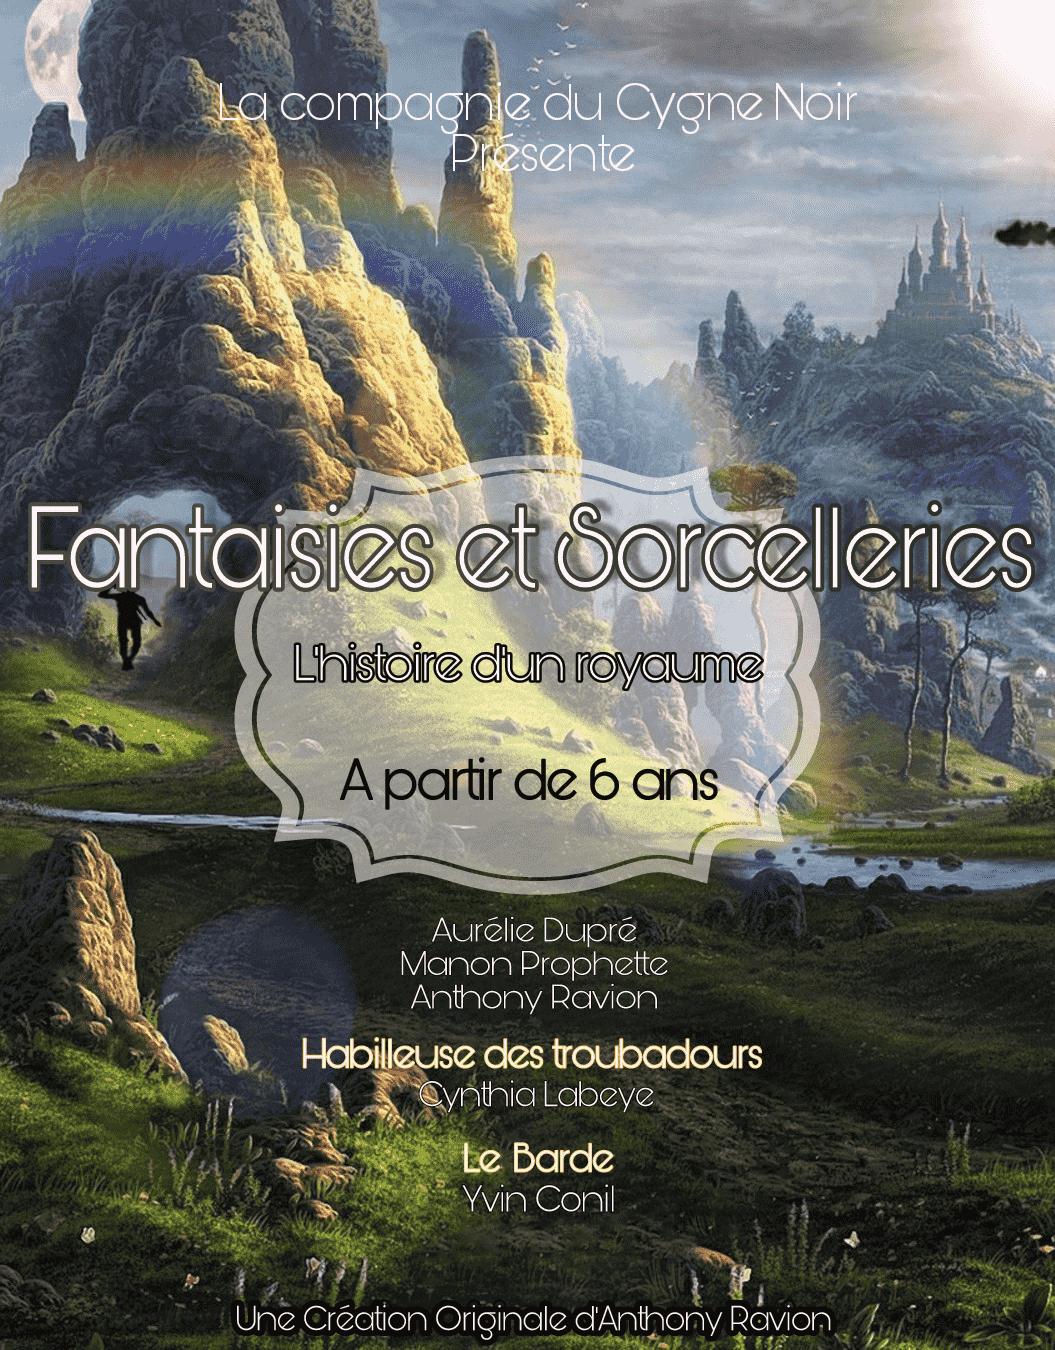 Fantaisies et sorcelleries - Marseille - Théâtre - Jeune Public - L'Art Dû - 13006